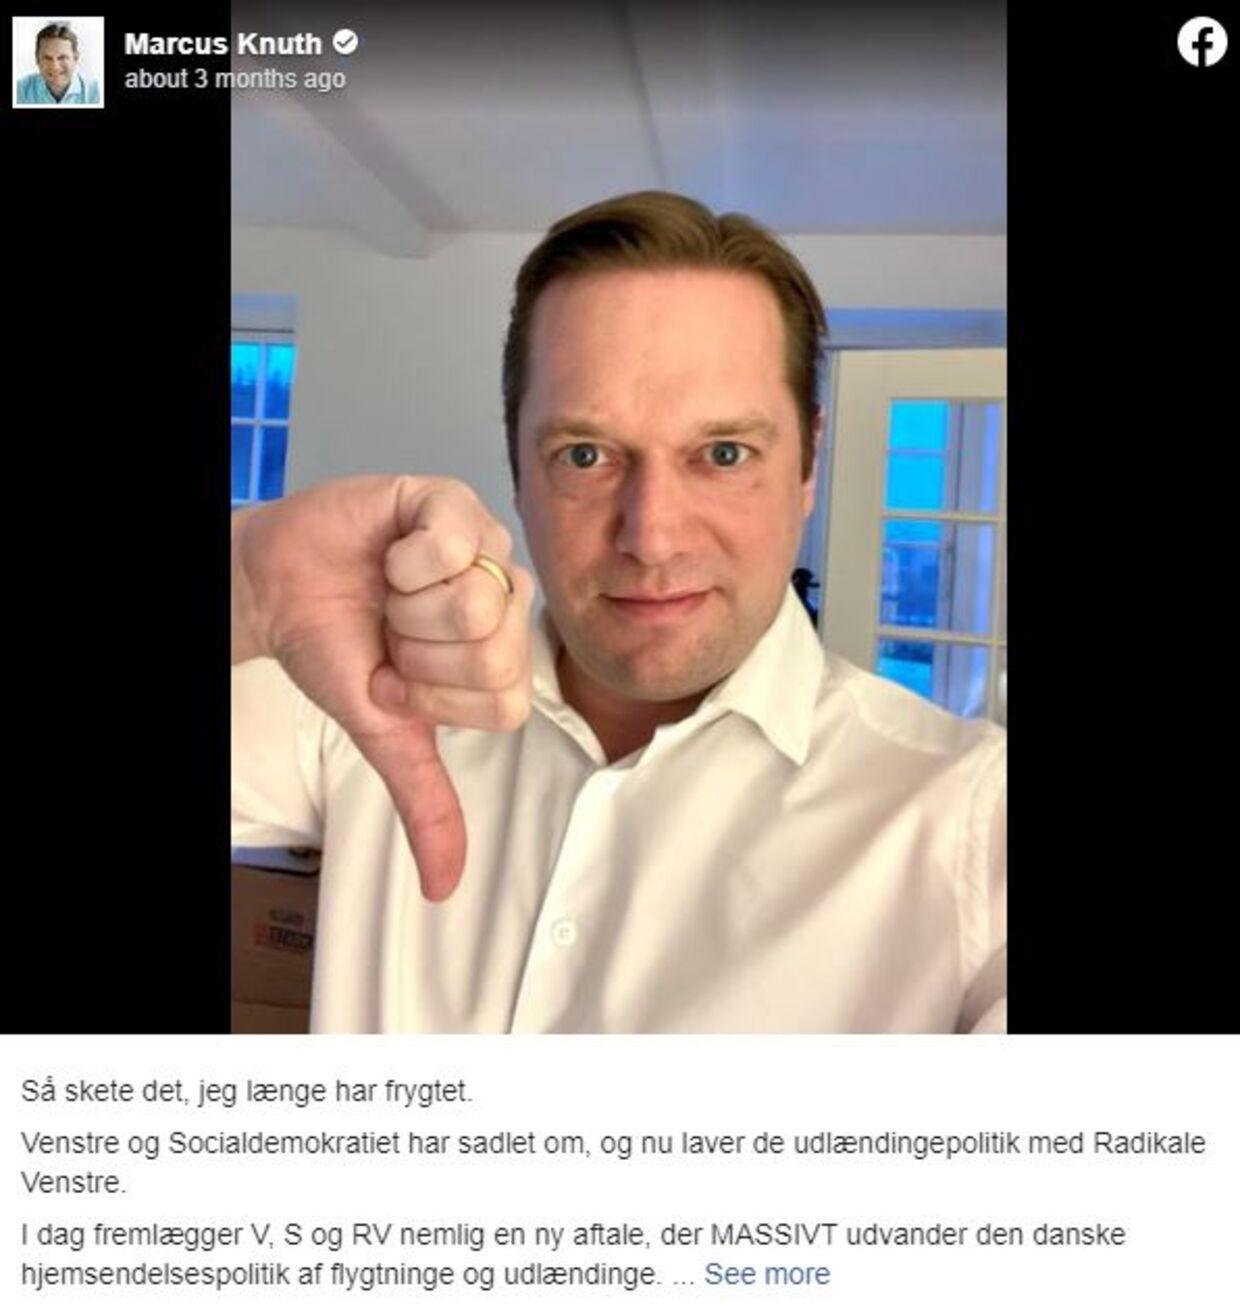 Der udbrød strid i blå blok, da Venstre gik enegang og lavede en aftale med Socialdemokratiet om repatrieringsstøtte. Her er det Marcus Knuth, der på sin Facebook-profil udtrykte sin utilfredshed.